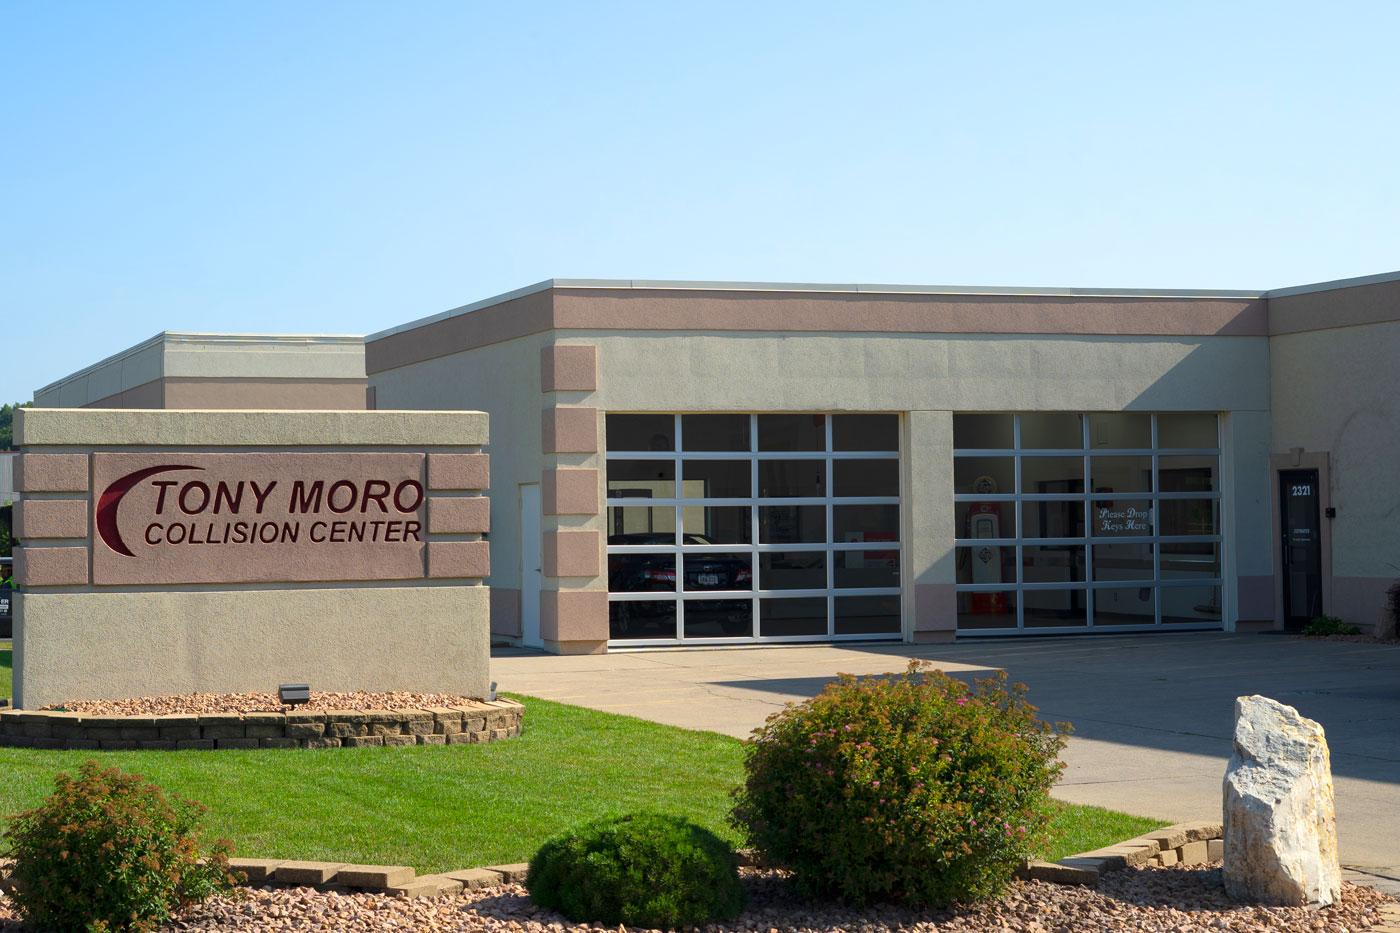 Tony Moro Collision Center Auto Body Collision Repair Des